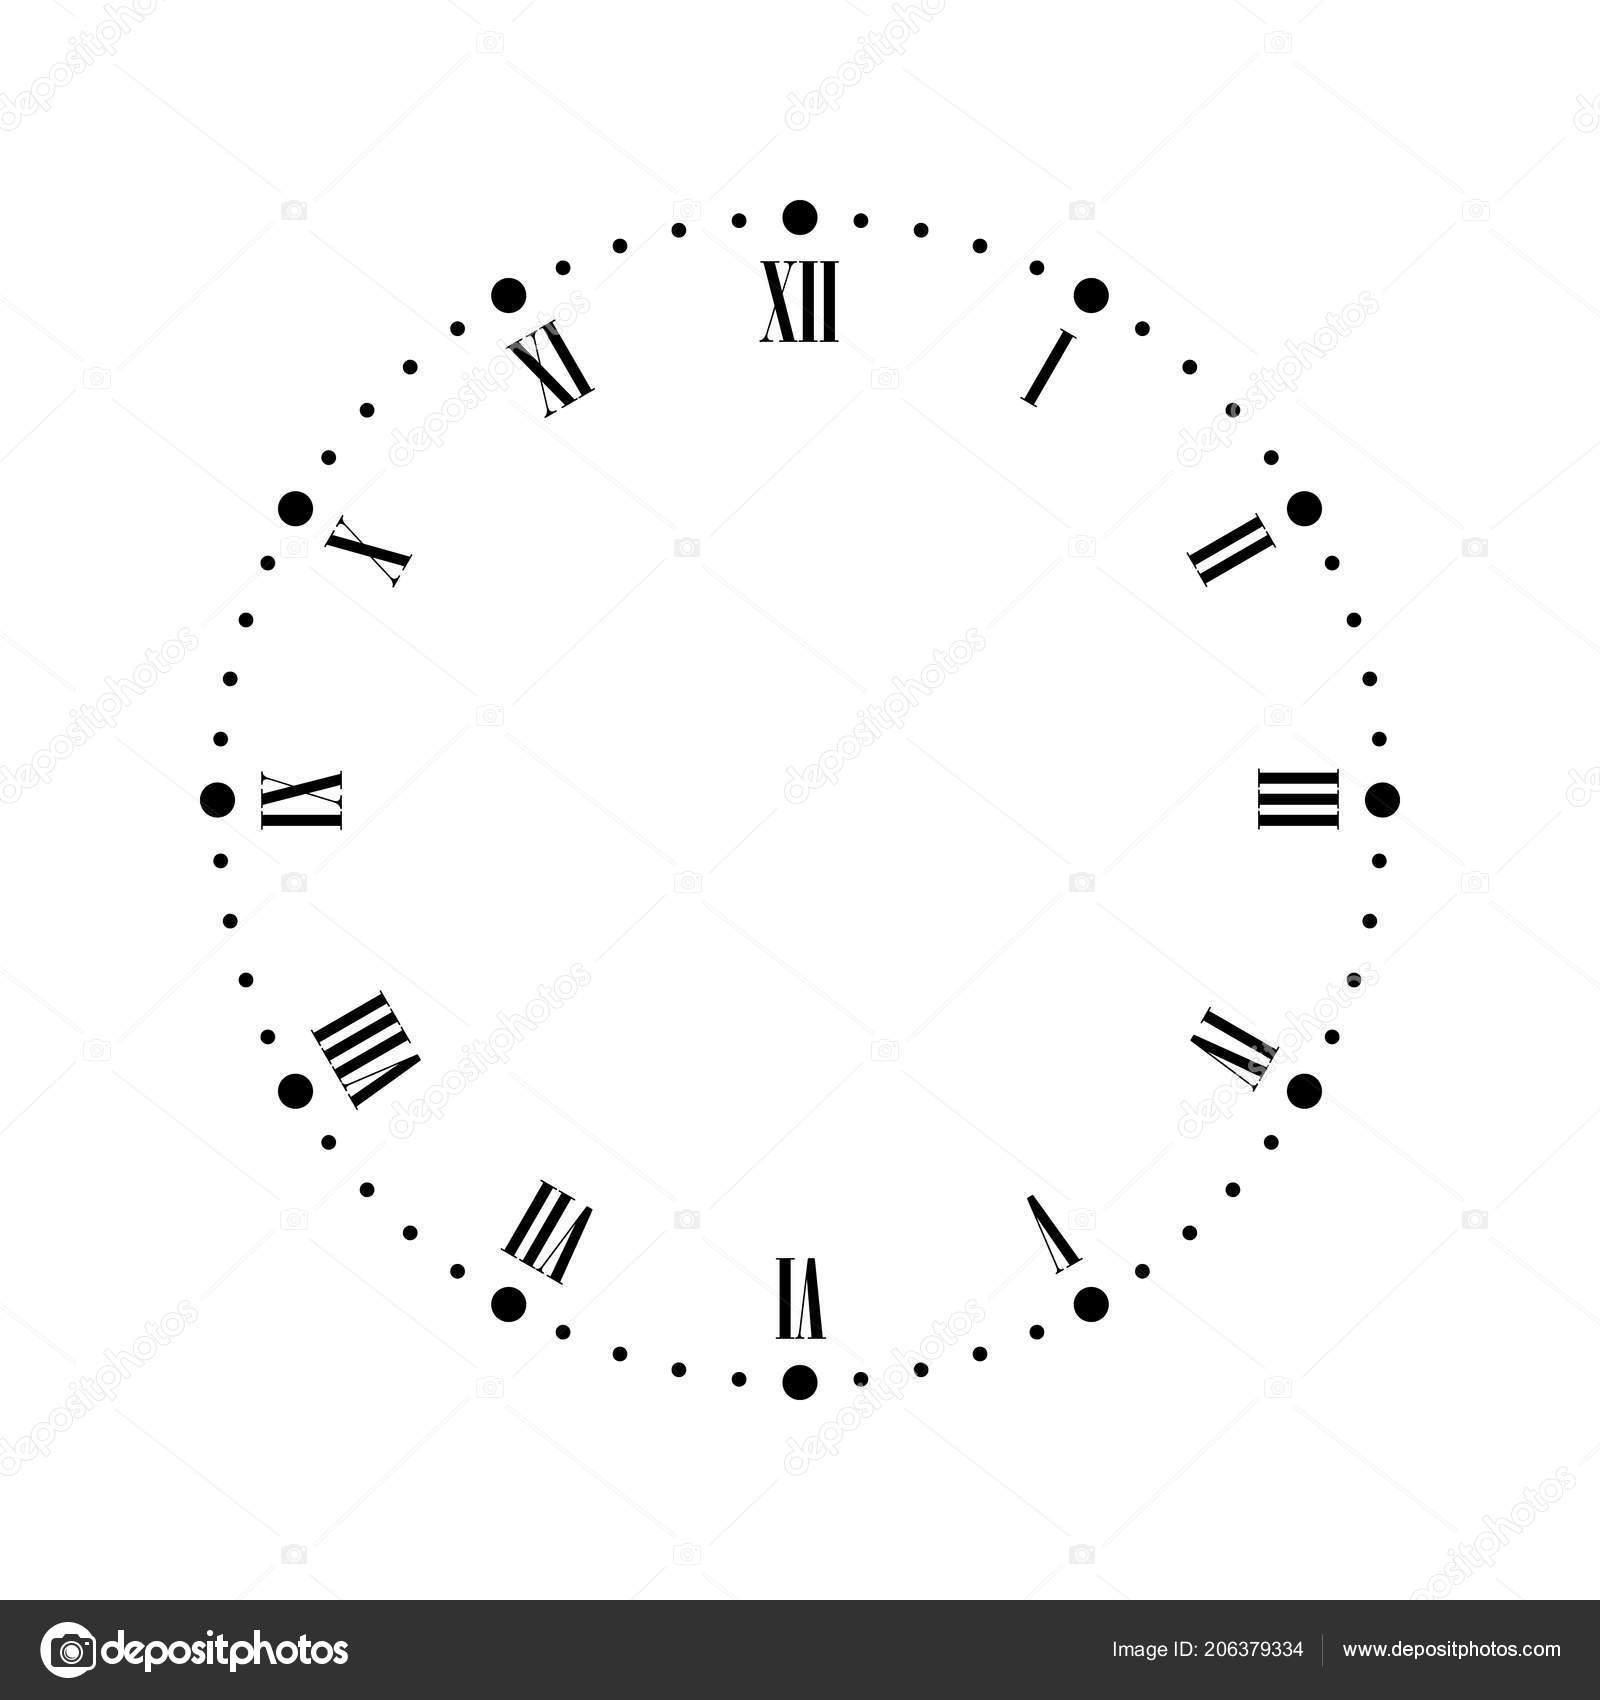 16bee8baa5 Mostrador de relógio vintage com números romanos. Pontos marcam horas e  minutos. Ilustração vetorial